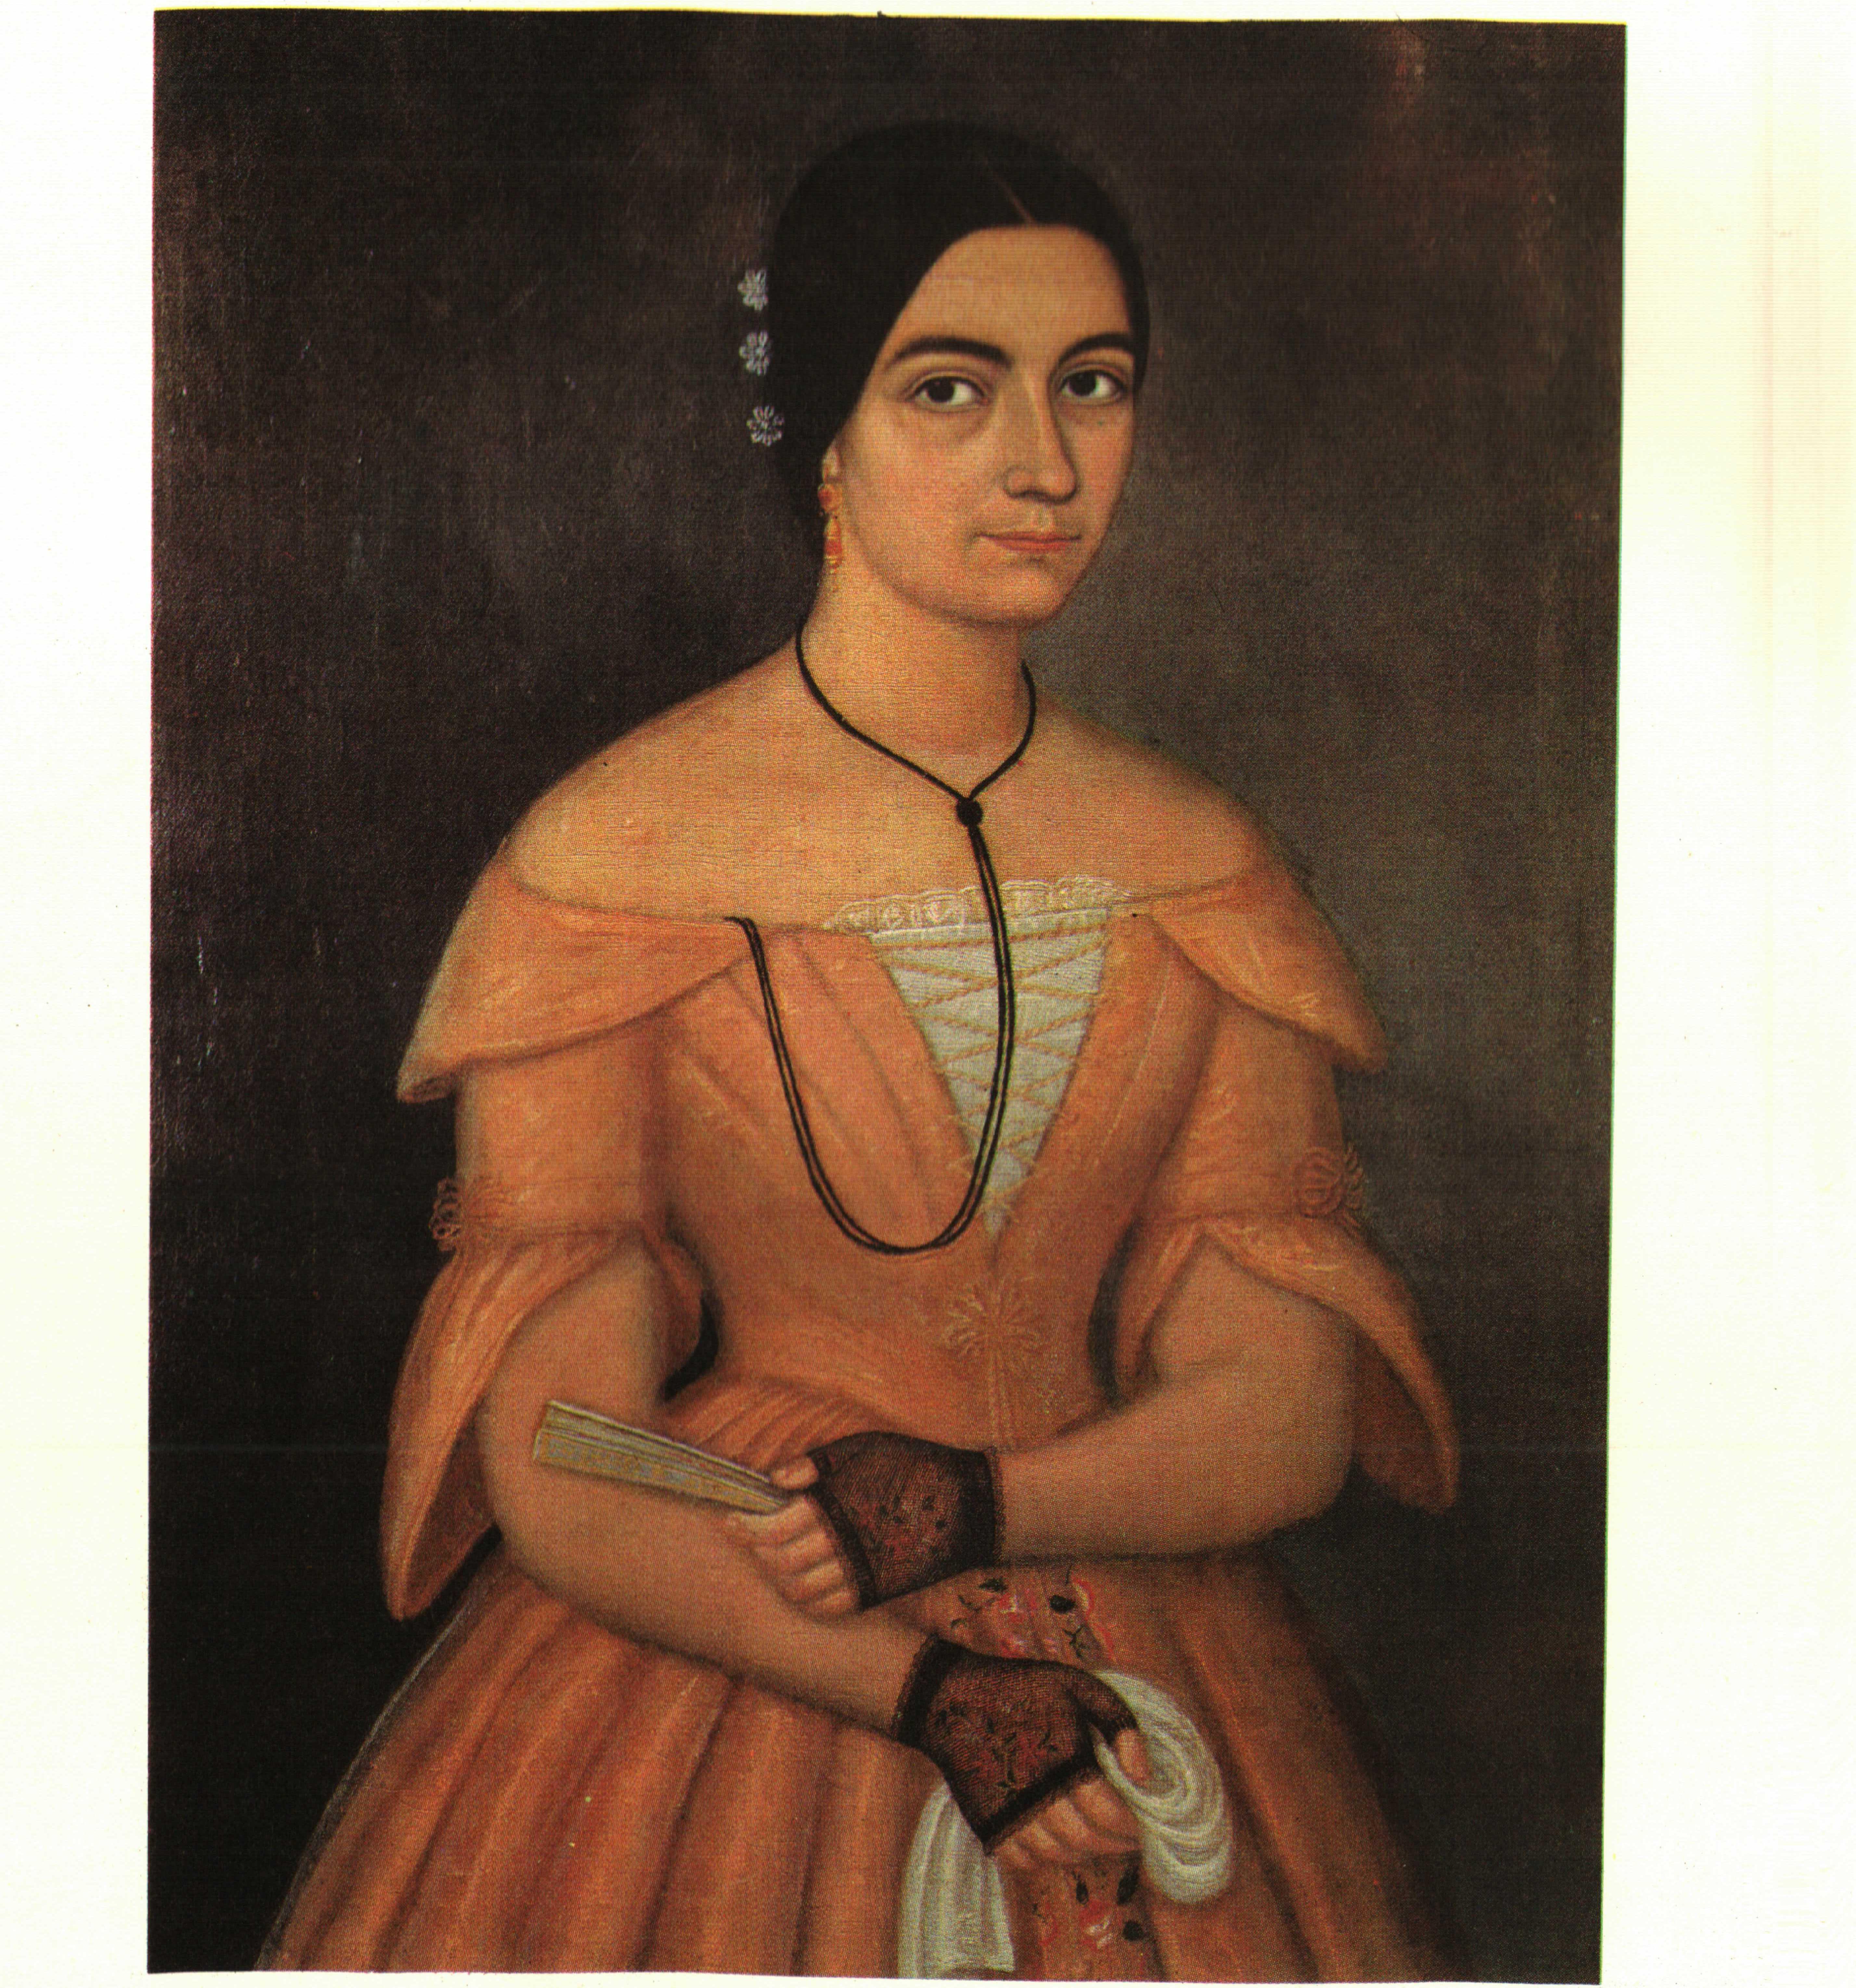 Historia ilustrada de México: Mujeres